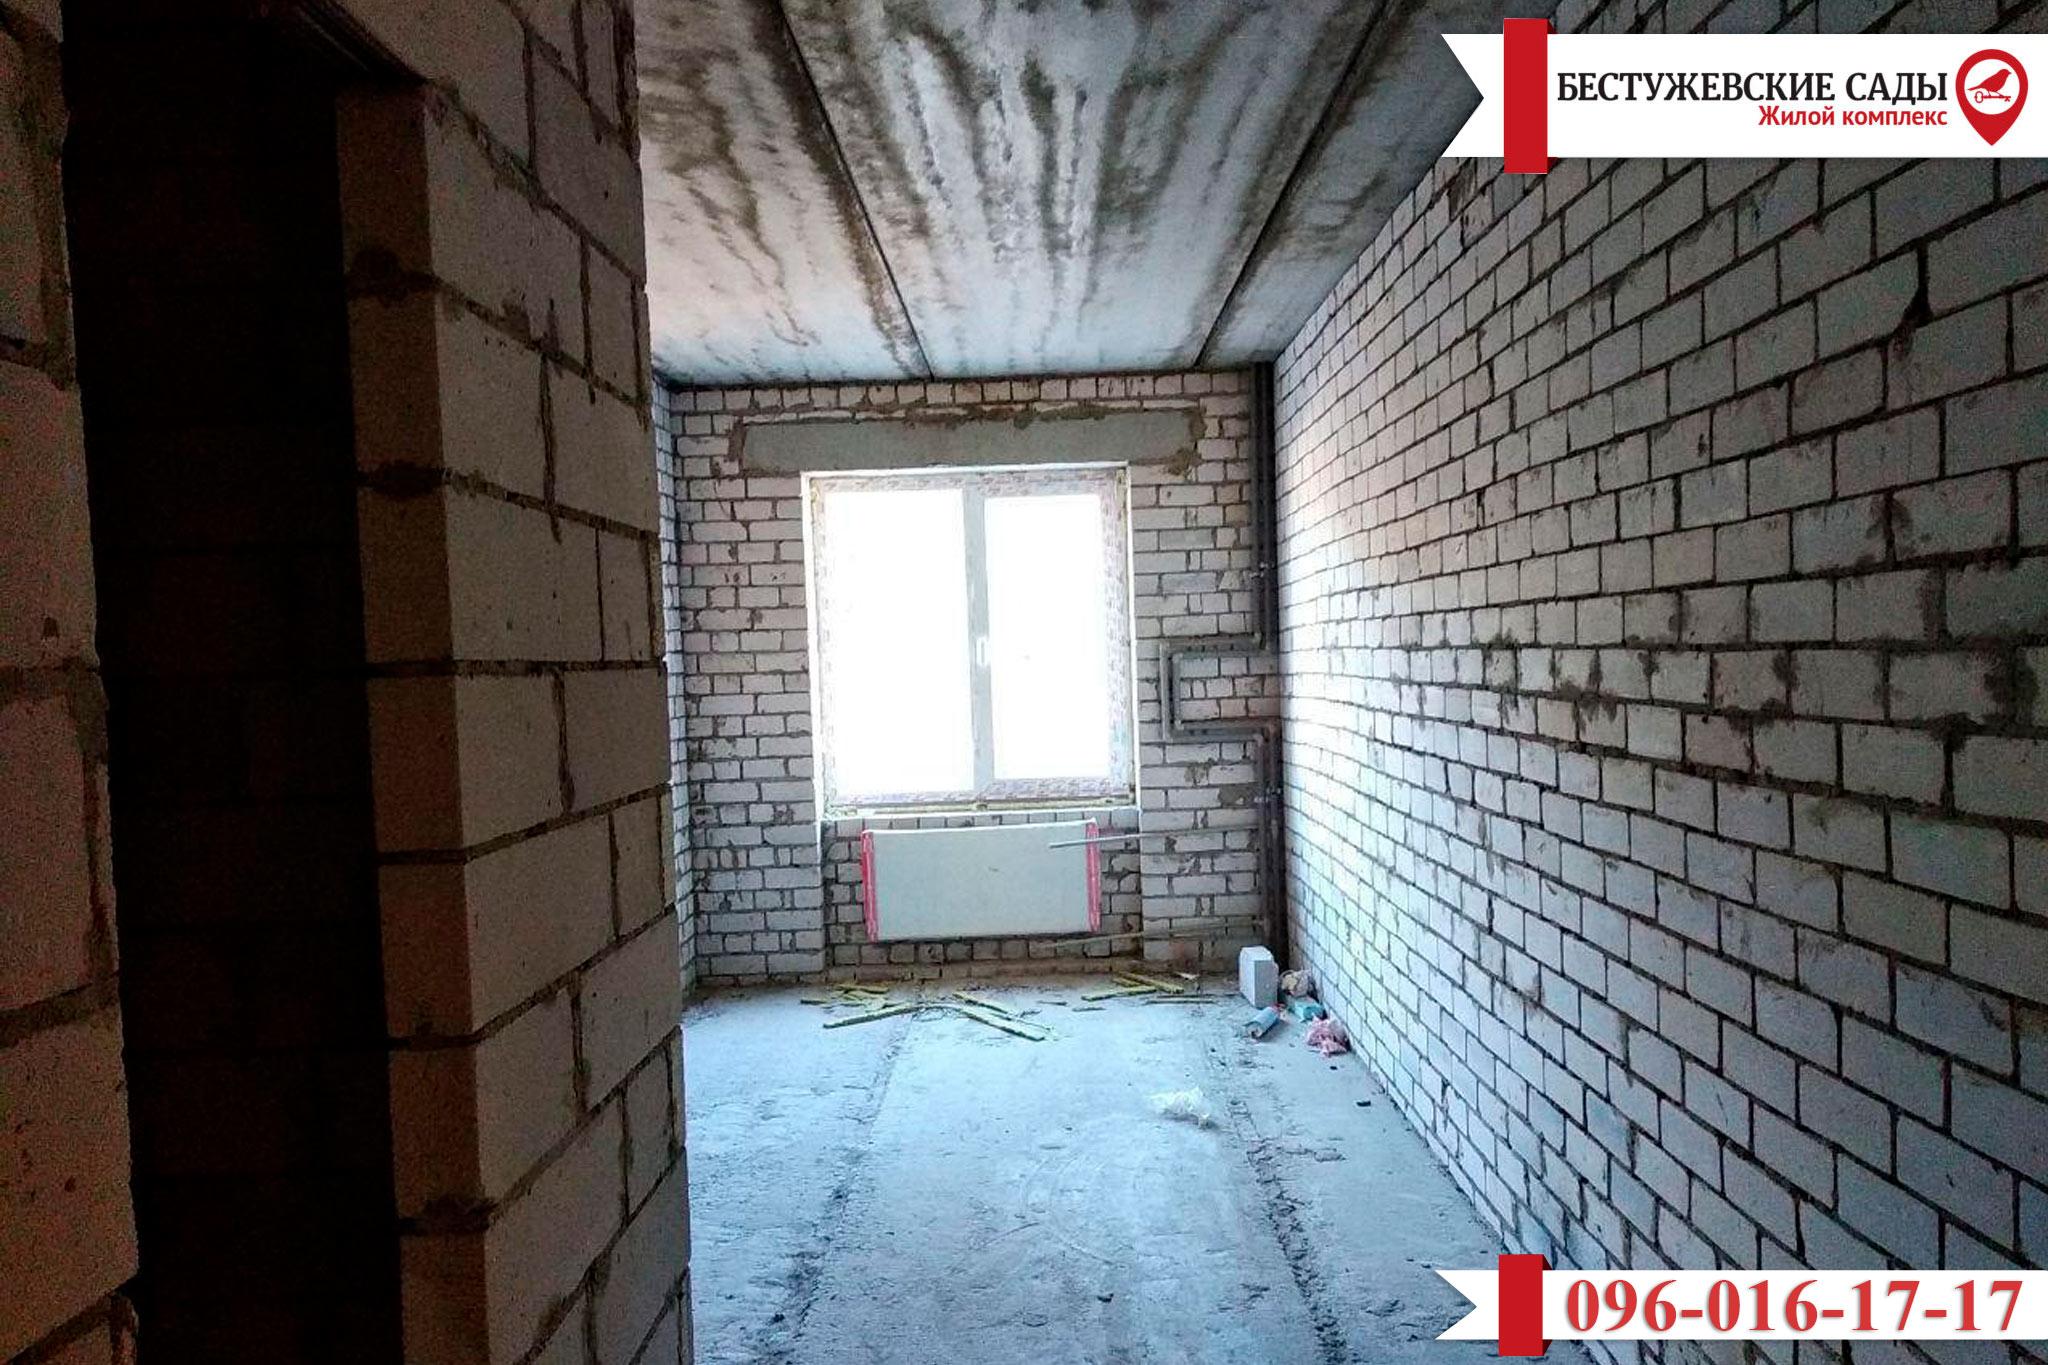 Есть новая информация о строительстве жилого комплекса «Бестужевские Сады»